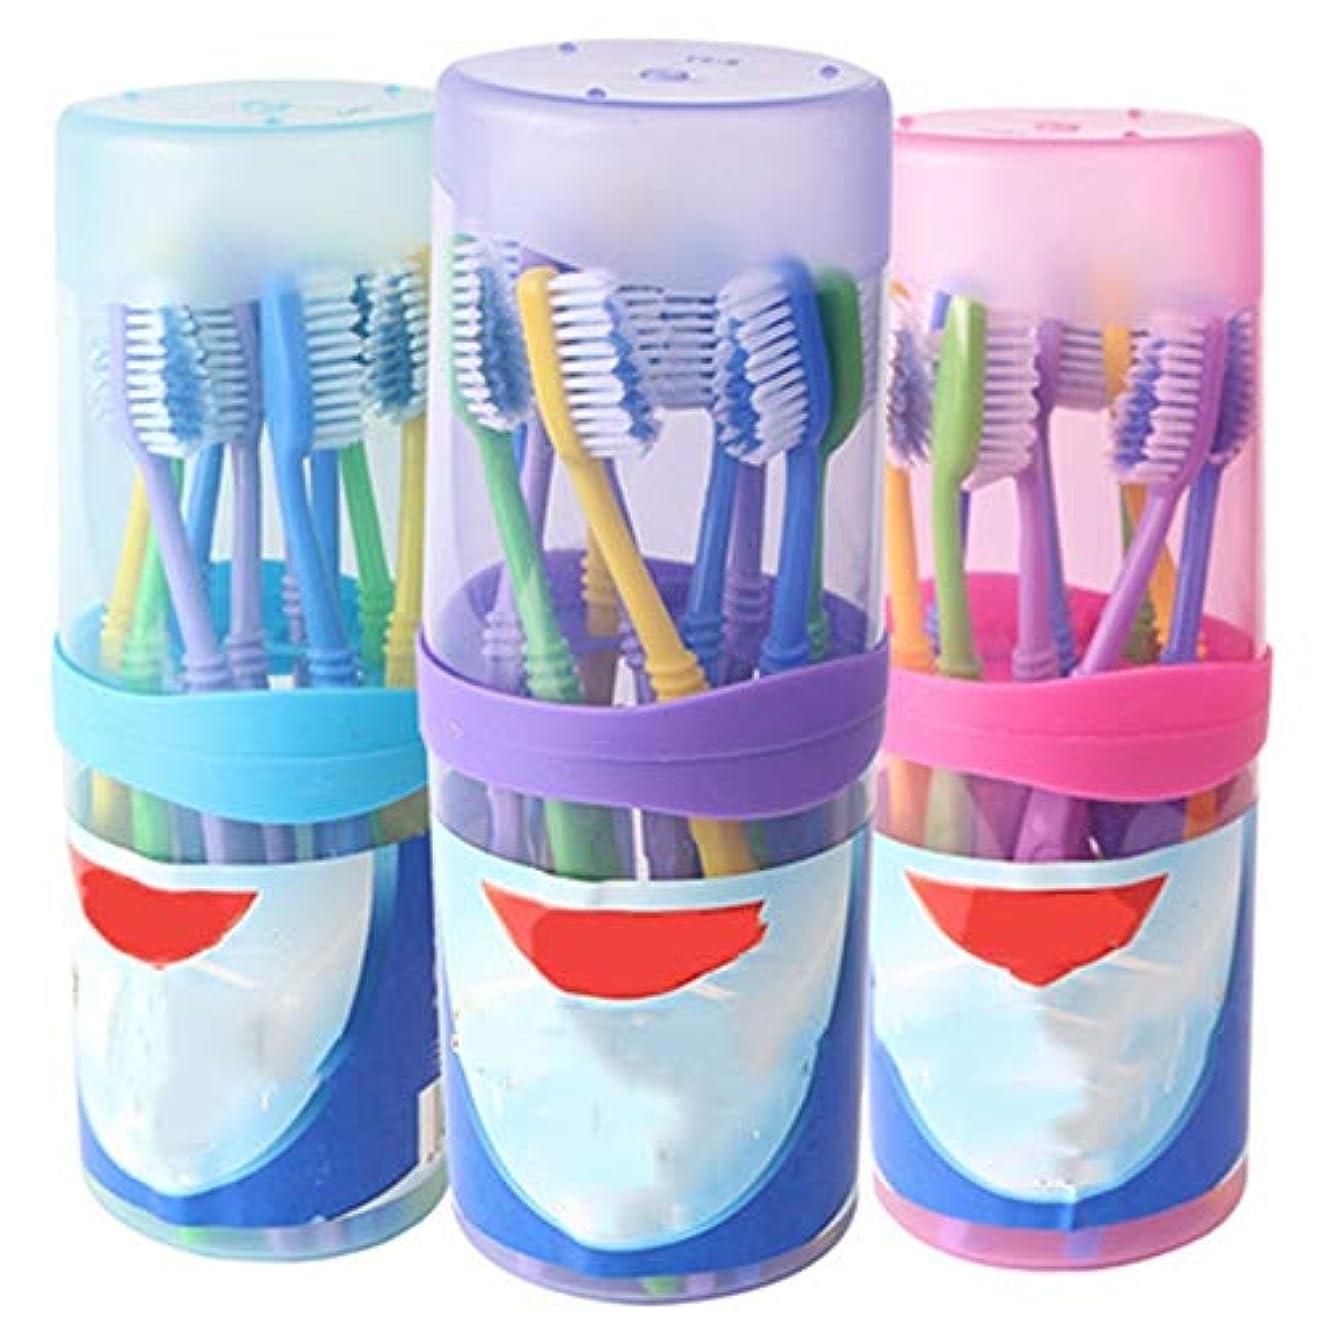 触覚スリップ口歯ブラシ 30本の歯ブラシ、バルク大人歯ブラシ、歯茎のためのクリーンタルタルとケア - 使用可能なスタイルの2種類 HL (色 : A, サイズ : 30 packs)